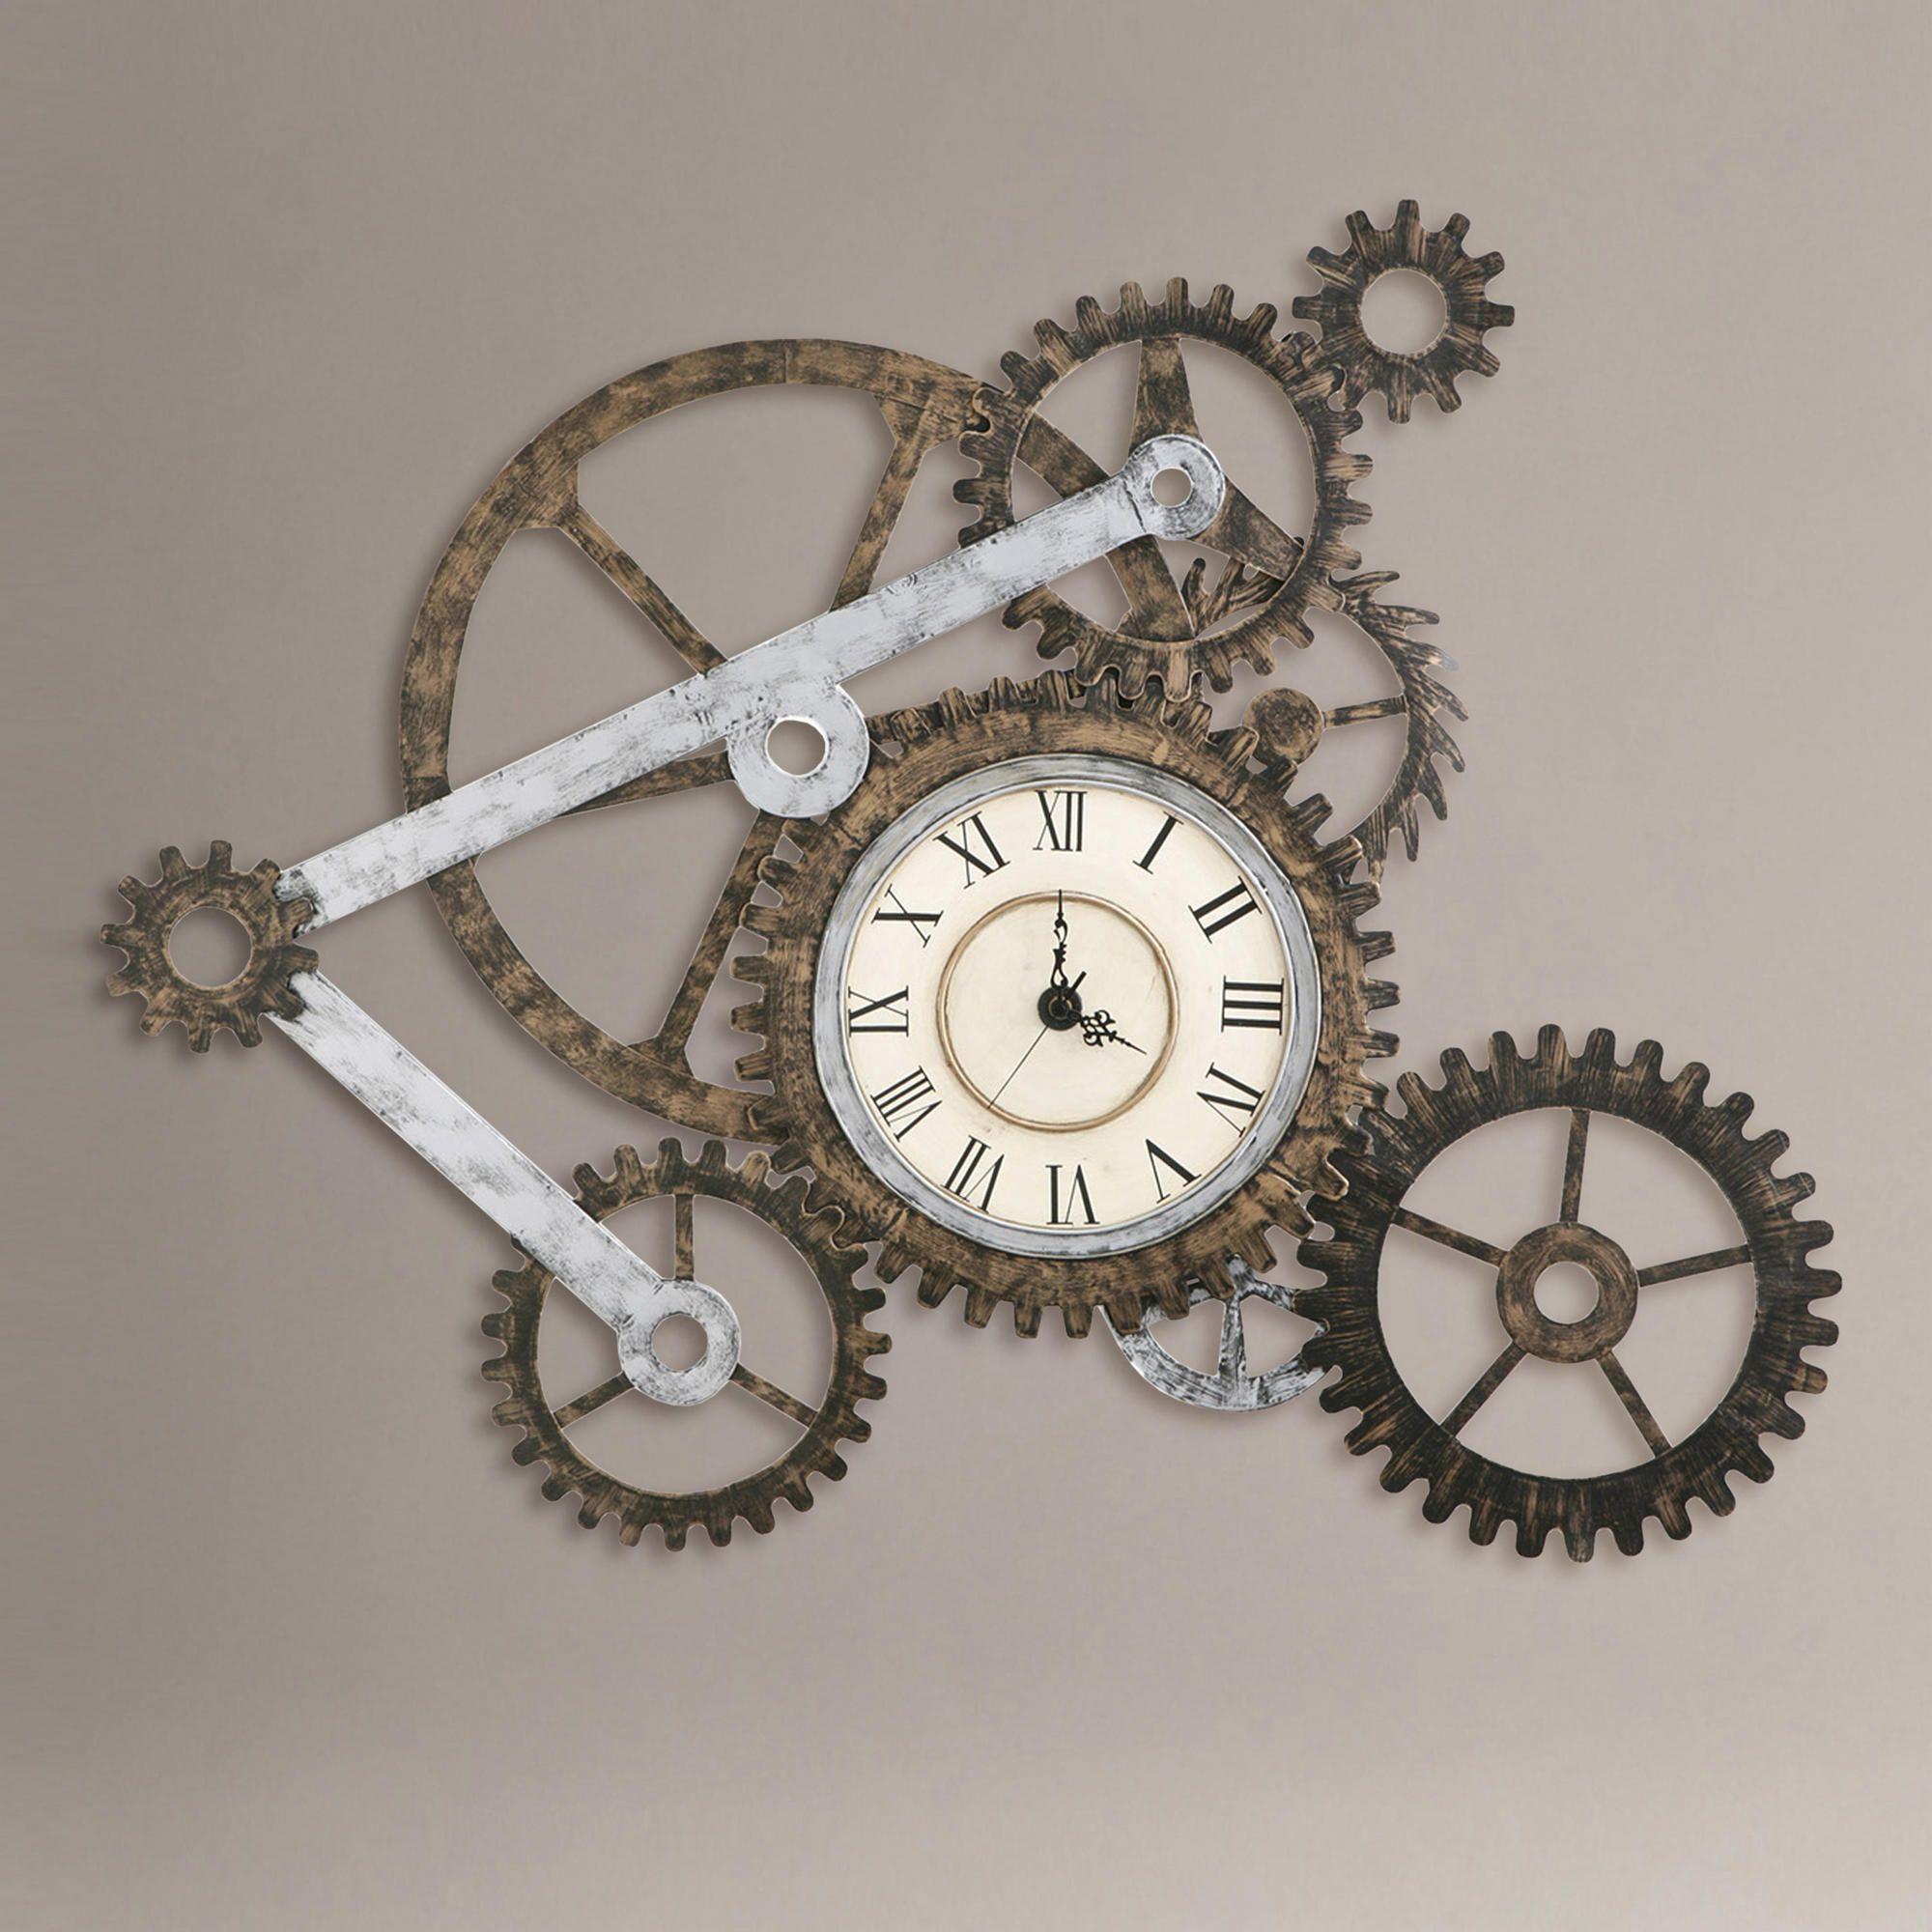 Gear Wall Art With Clock Gear Wall Art With Clock | World Market $113